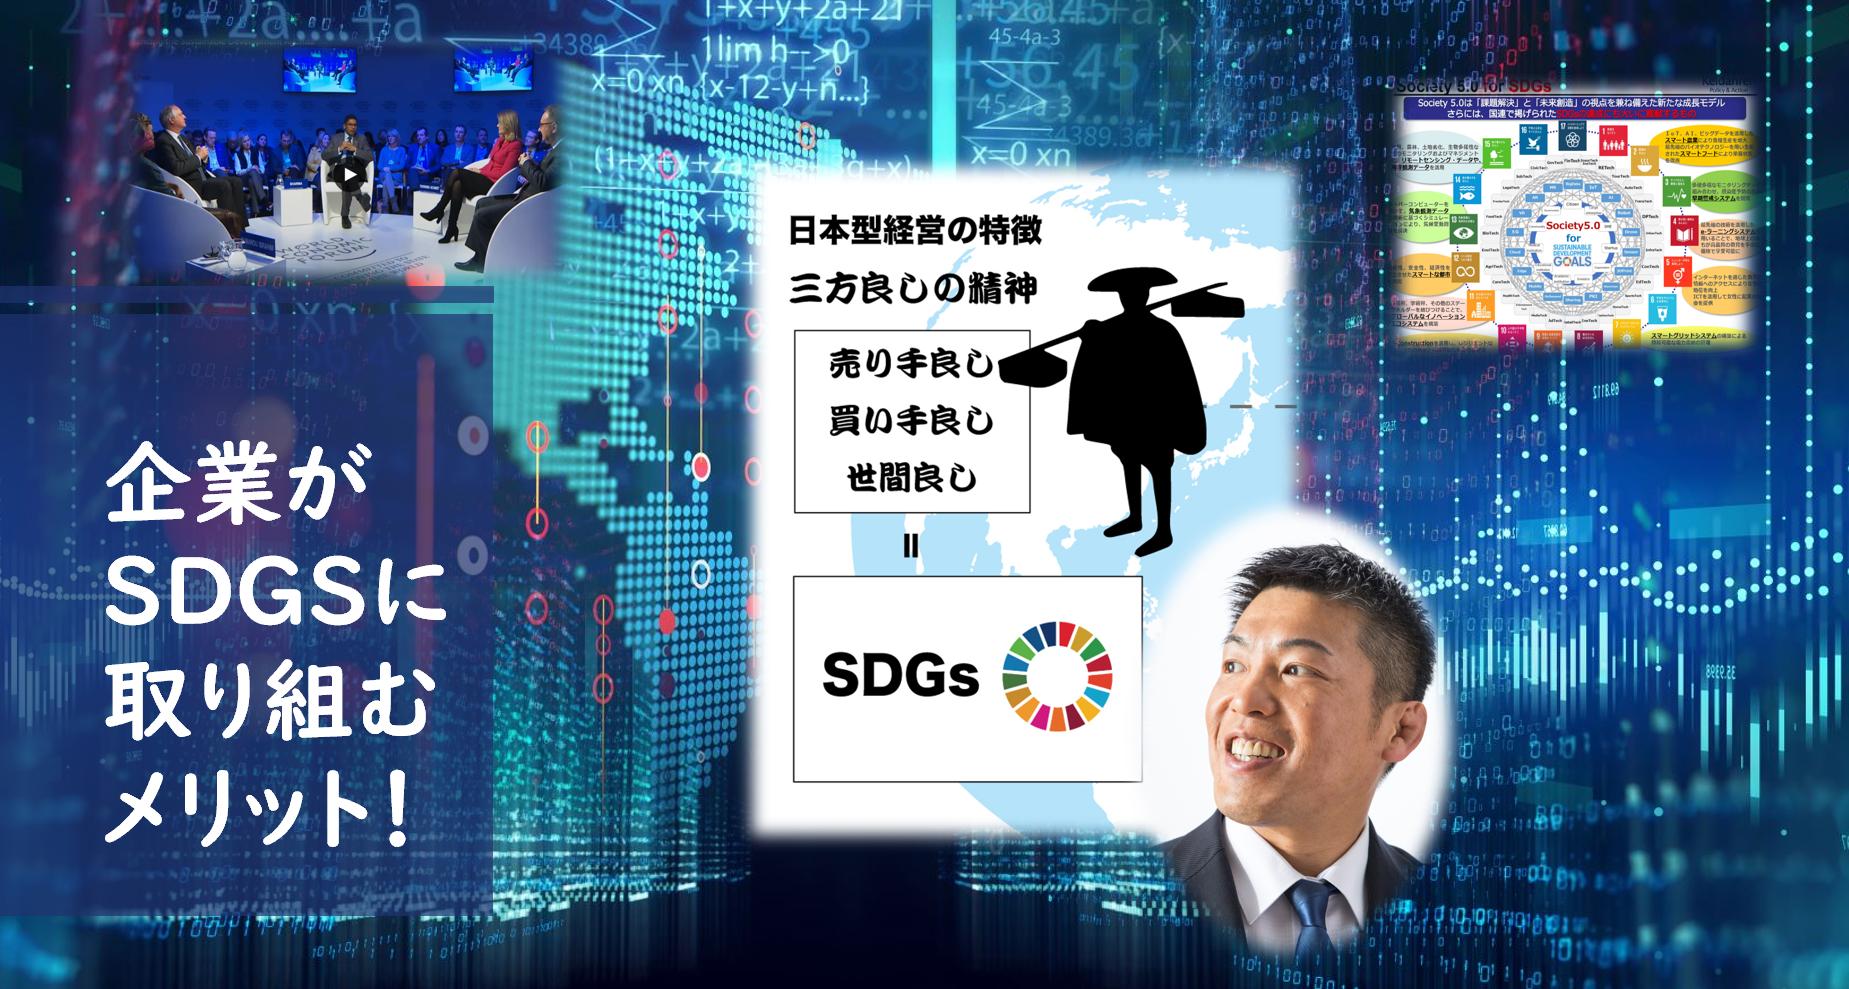 企業がSDGsに取り組むメリット